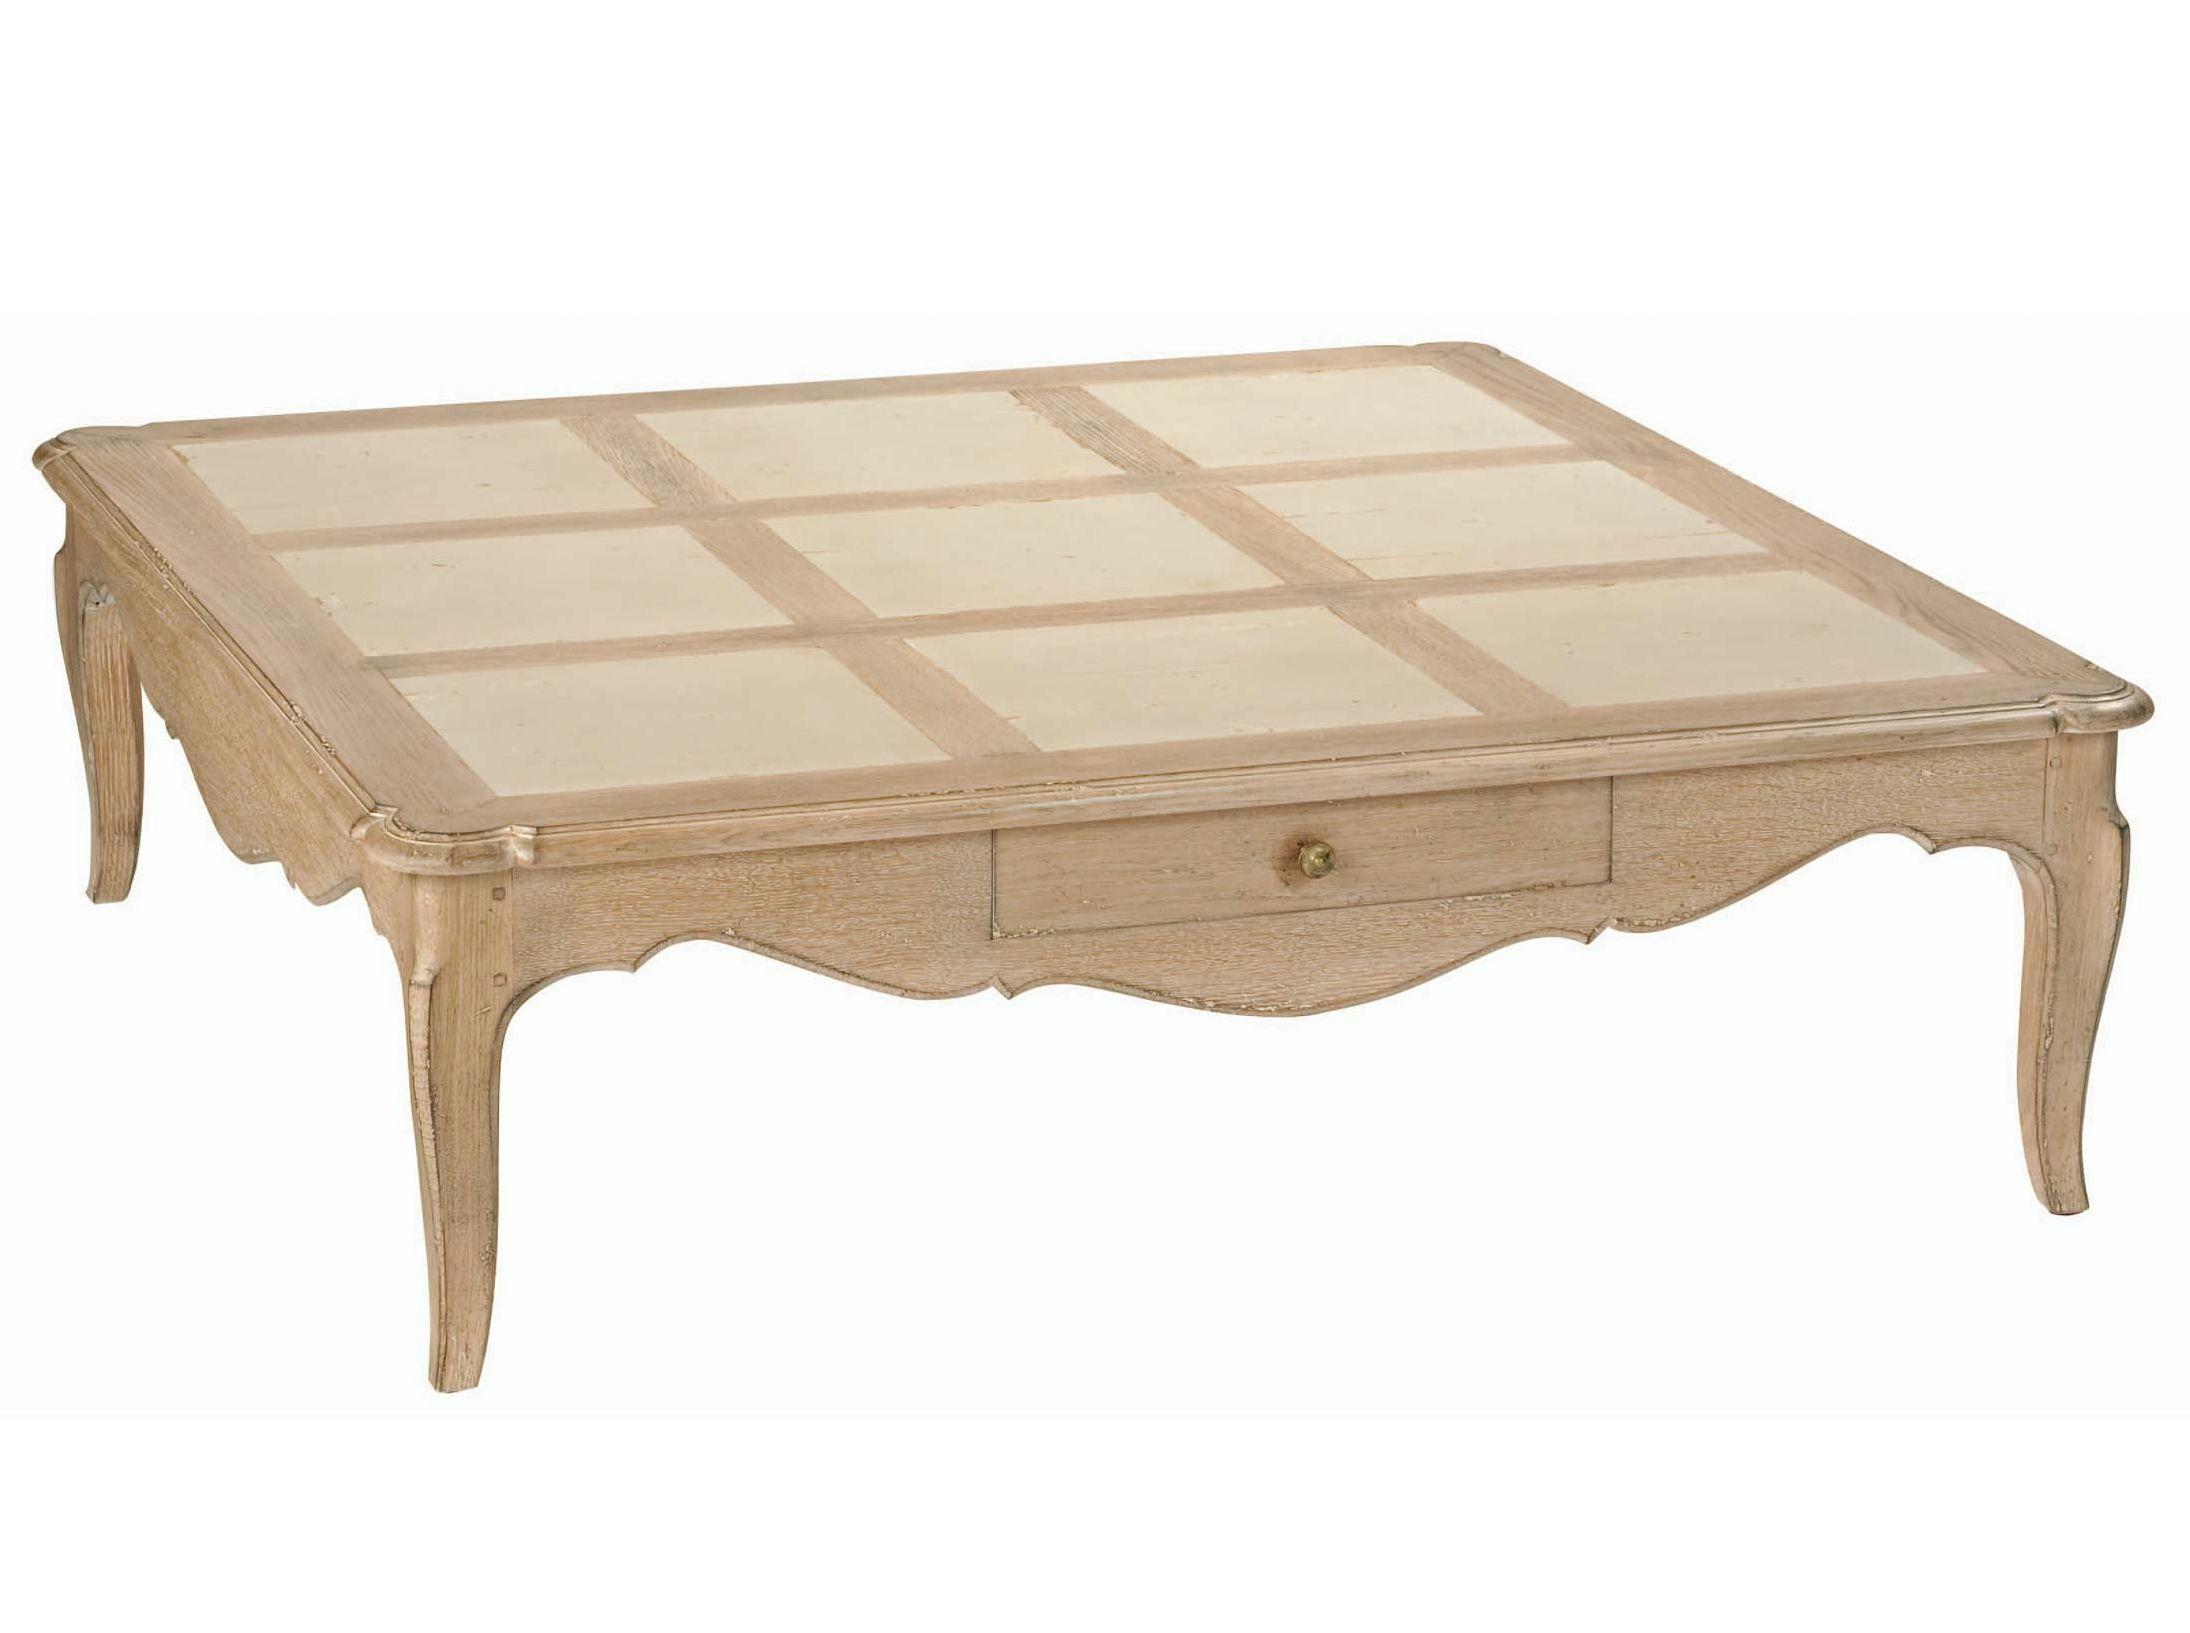 Square Oak Coffee Table Louis Marie Nouveaux Classiques Collection By Roche Bobois Design Jean